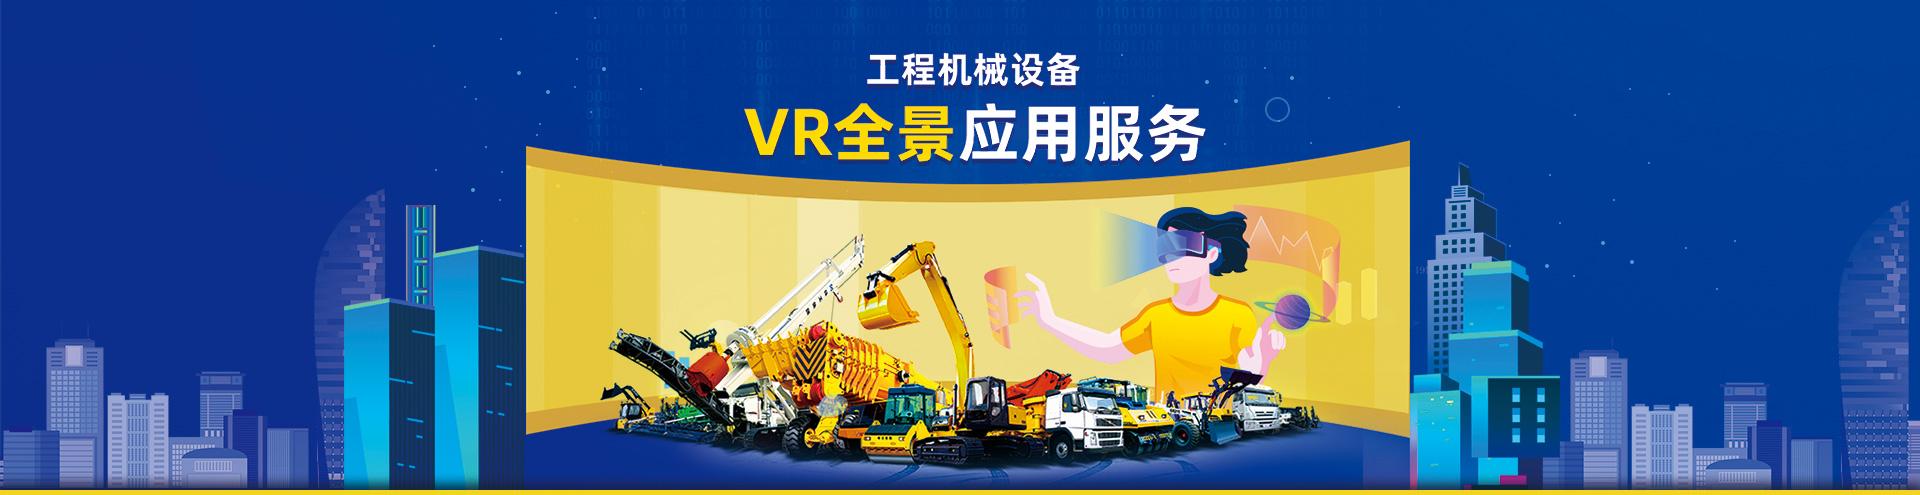 工程機械設備VR全景應用服務